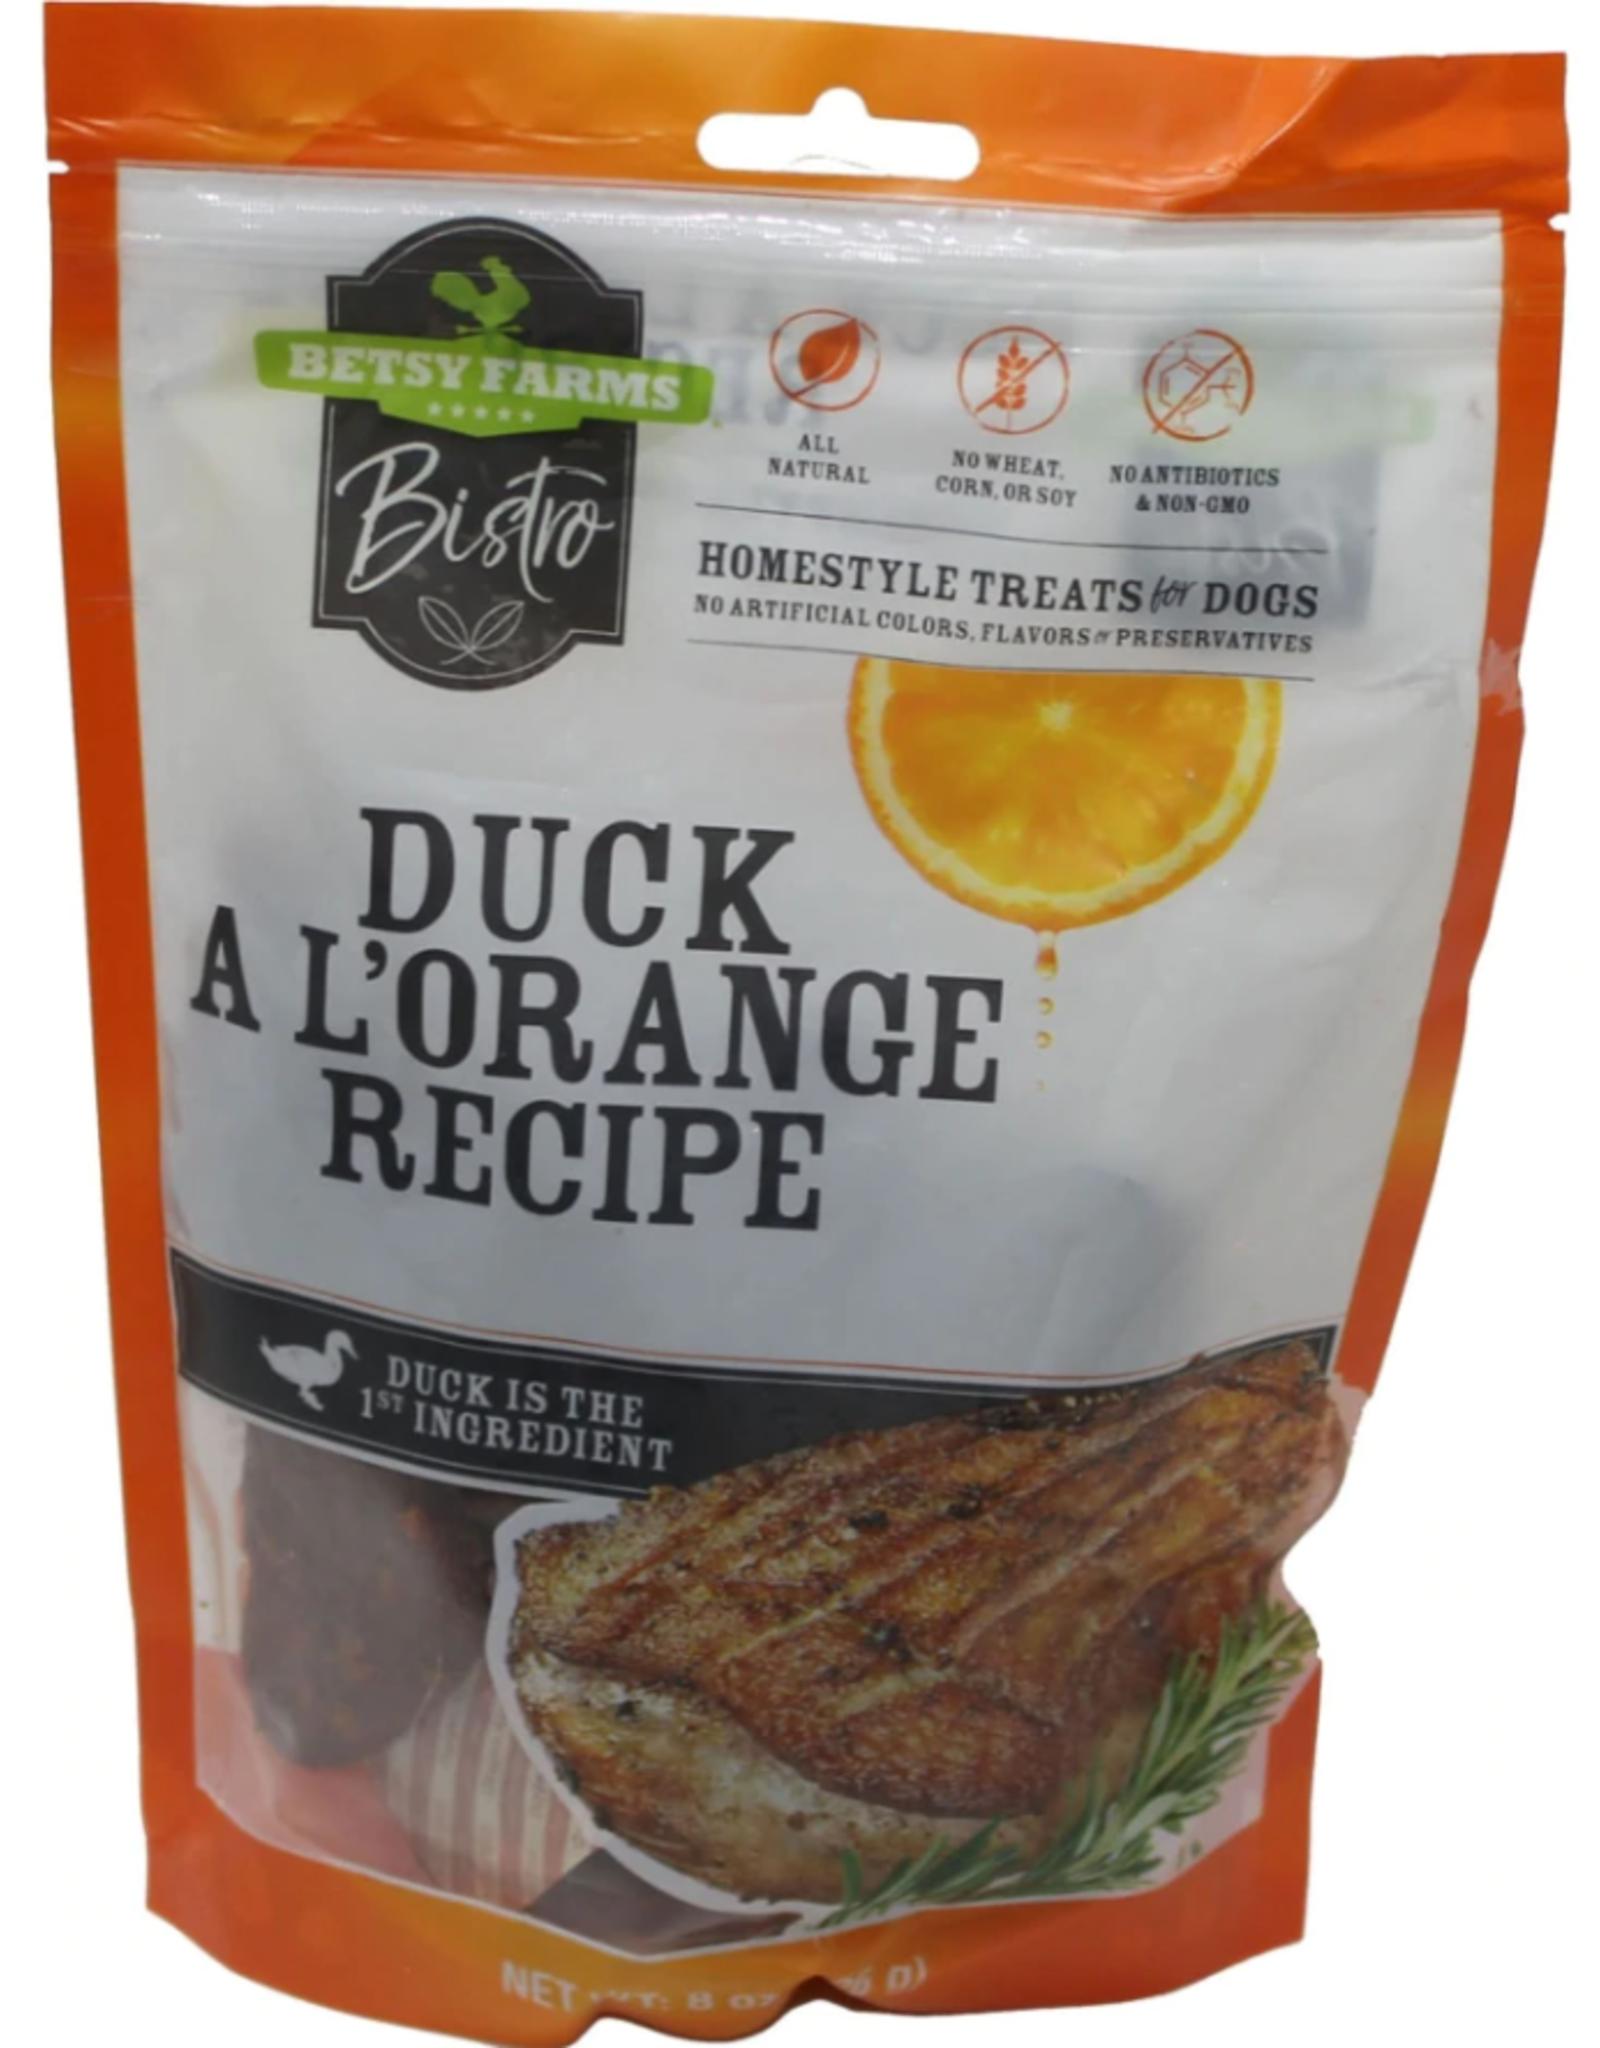 BETSY FARM BISTRO DUCK A L' ORANGE 3OZ discontinued pvff